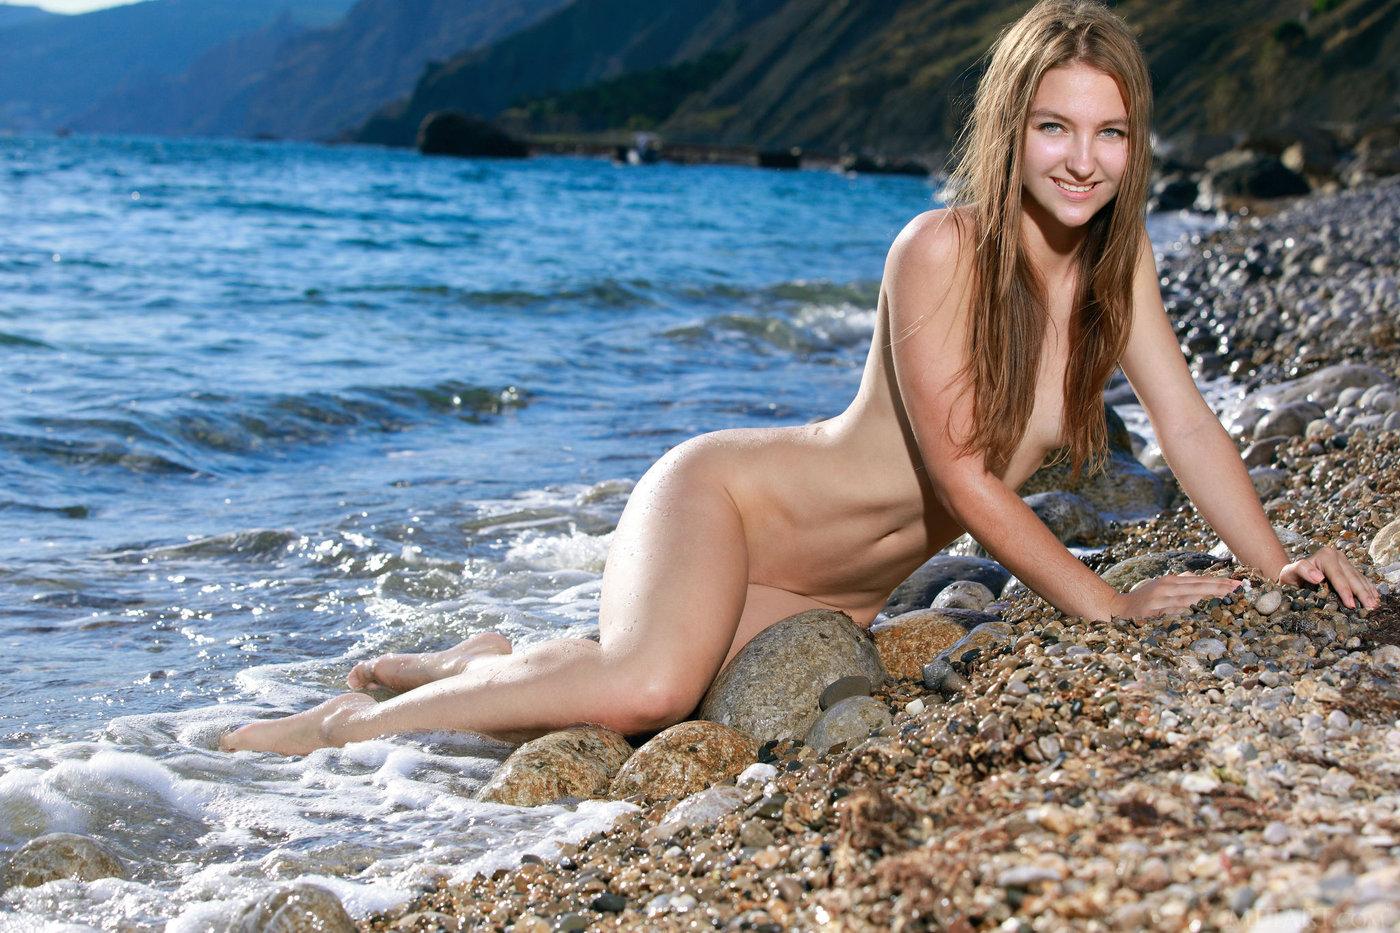 подрываюсь ванную, показуха фото эротика пляж список как